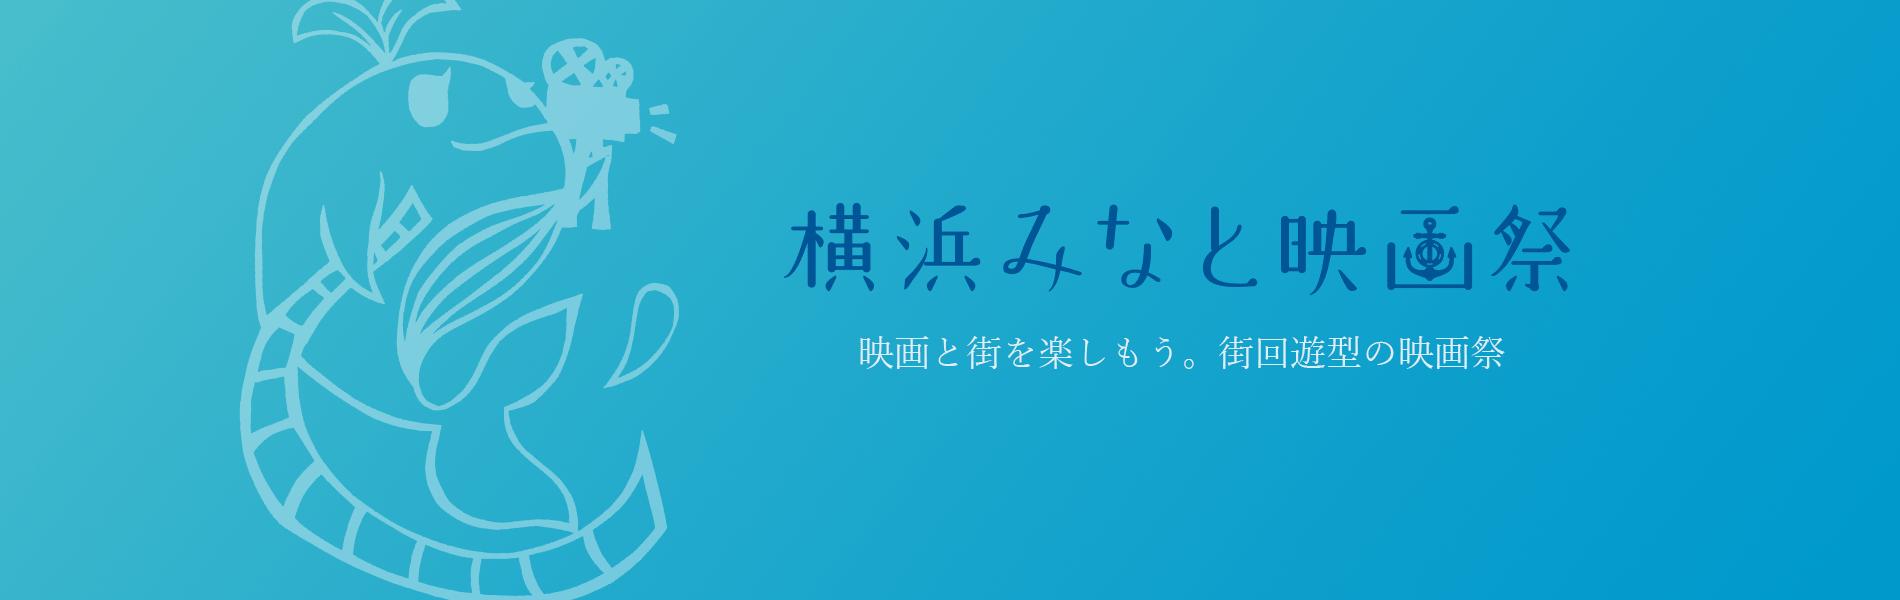 横浜みなと映画祭